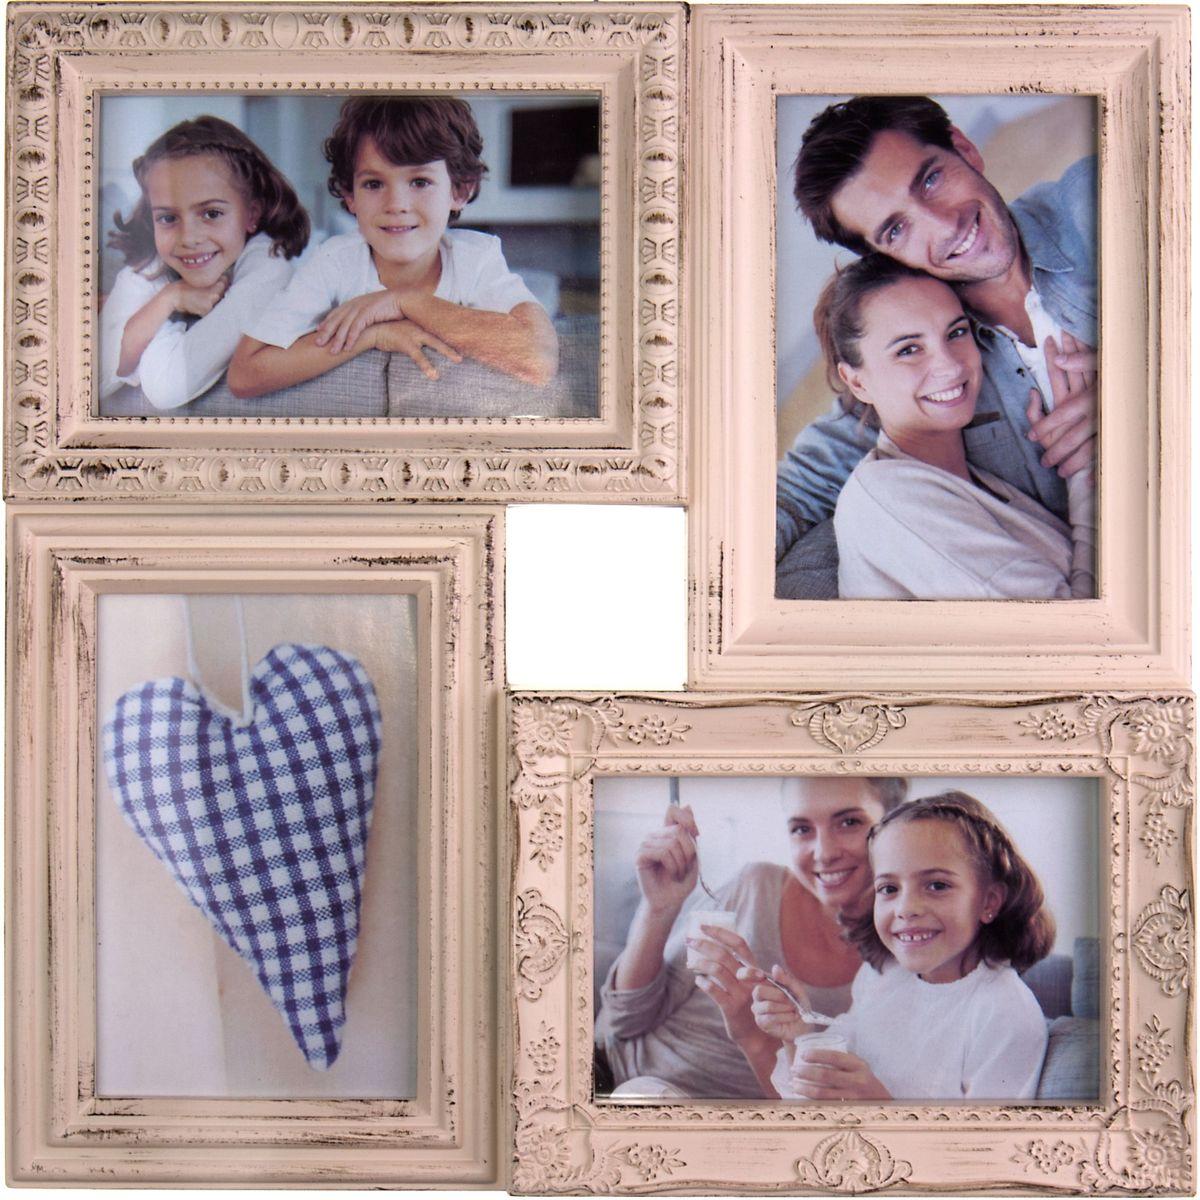 Фоторамка Platinum, цвет: античный кремовый, на 4 фото 10 х 15 смPLATINUM BH-1408-White-БелыйФоторамка Platinum - прекрасный способ красиво оформить ваши фотографии. Фоторамка выполнена из пластика и защищена стеклом. Фоторамка-коллаж представляет собой четыре фоторамки для фото одного размера оригинально соединенных между собой. Такая фоторамка поможет сохранить в памяти самые яркие моменты вашей жизни, а стильный дизайн сделает ее прекрасным дополнением интерьера комнаты.Фоторамка подходит для фотографий 10 х 15 см.Общий размер фоторамки: 33 х 33 см.